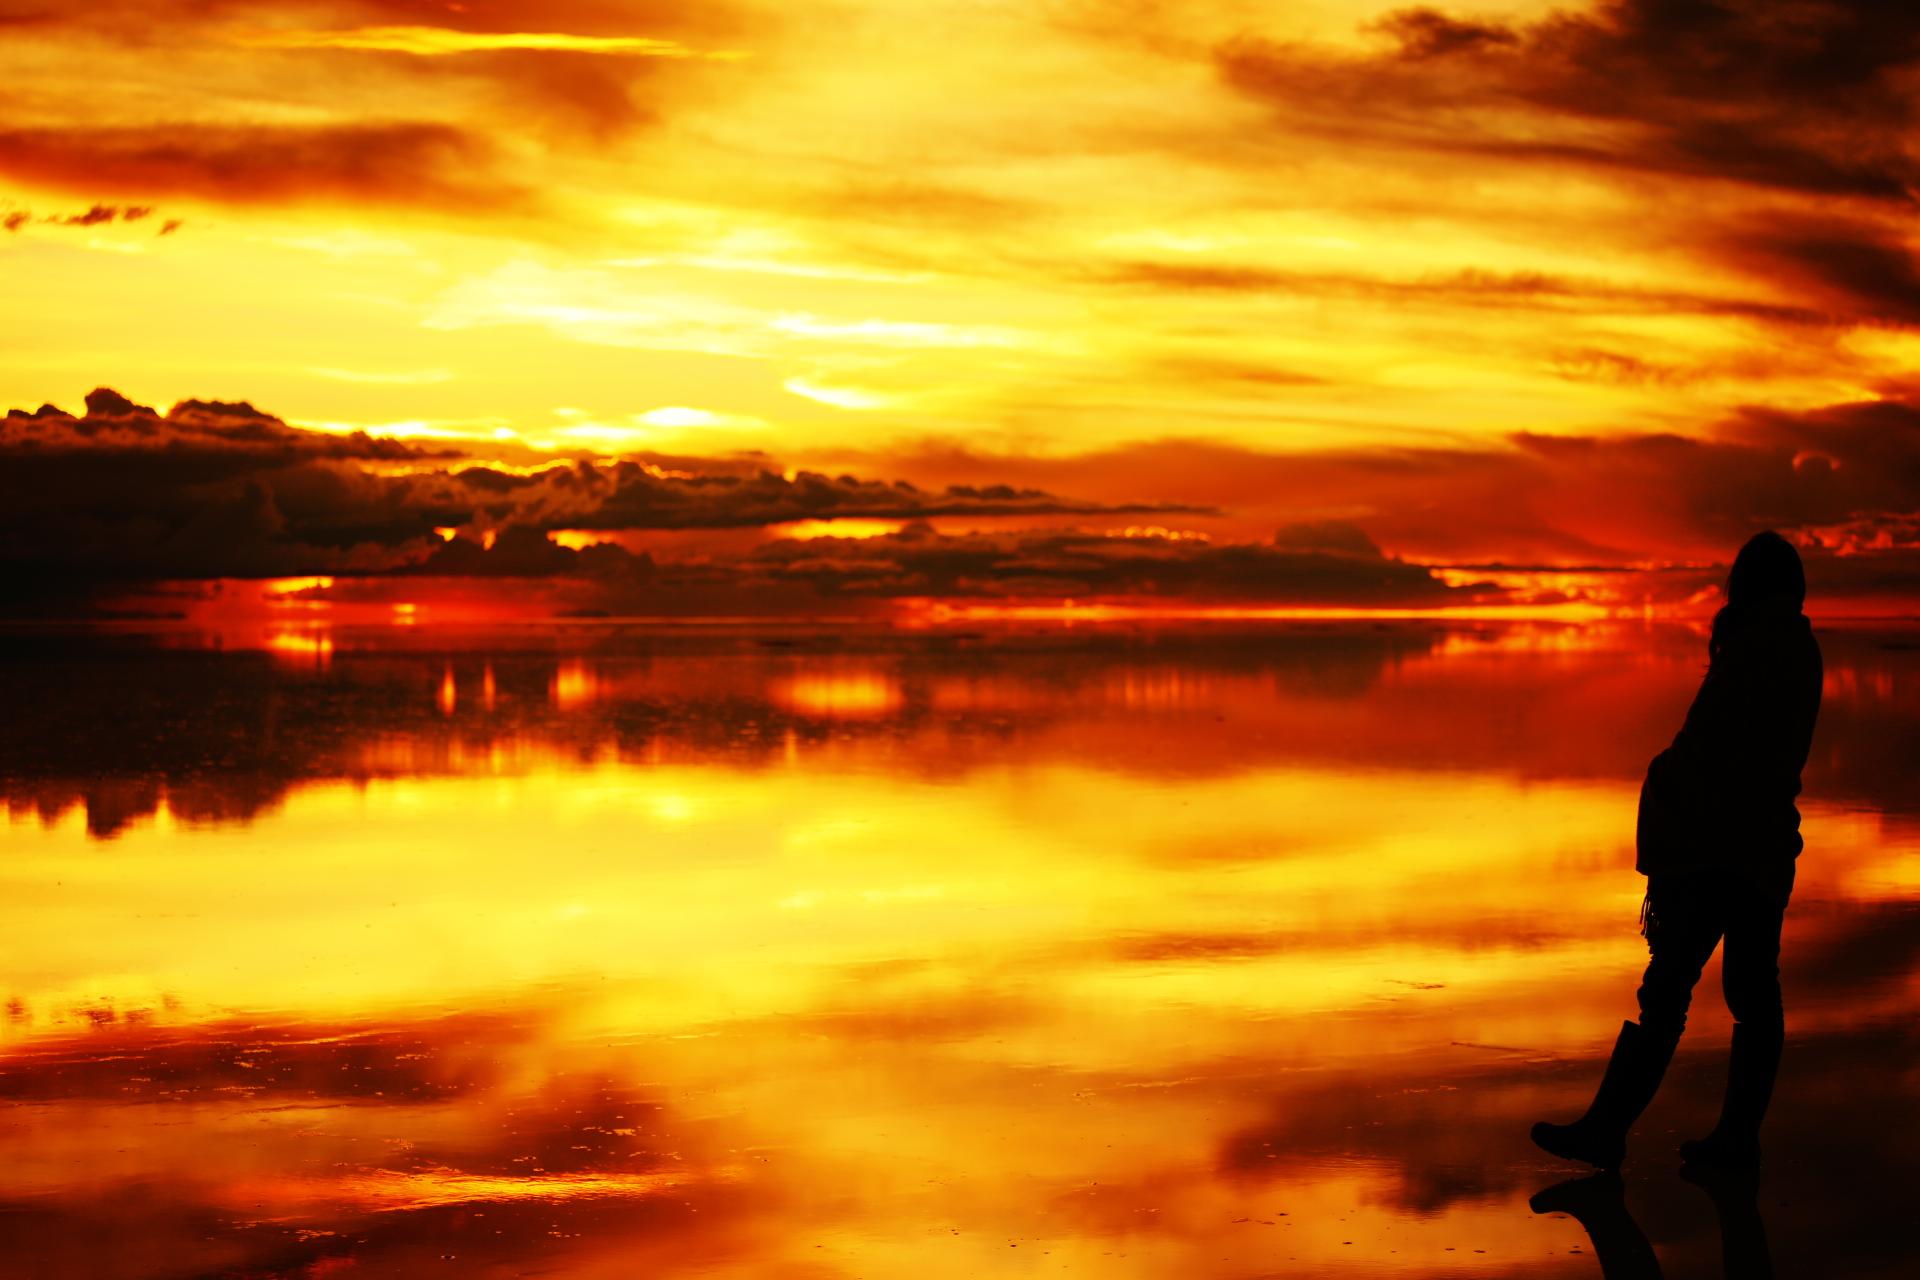 夕日が沈んだウユニ塩湖遺跡の壁紙